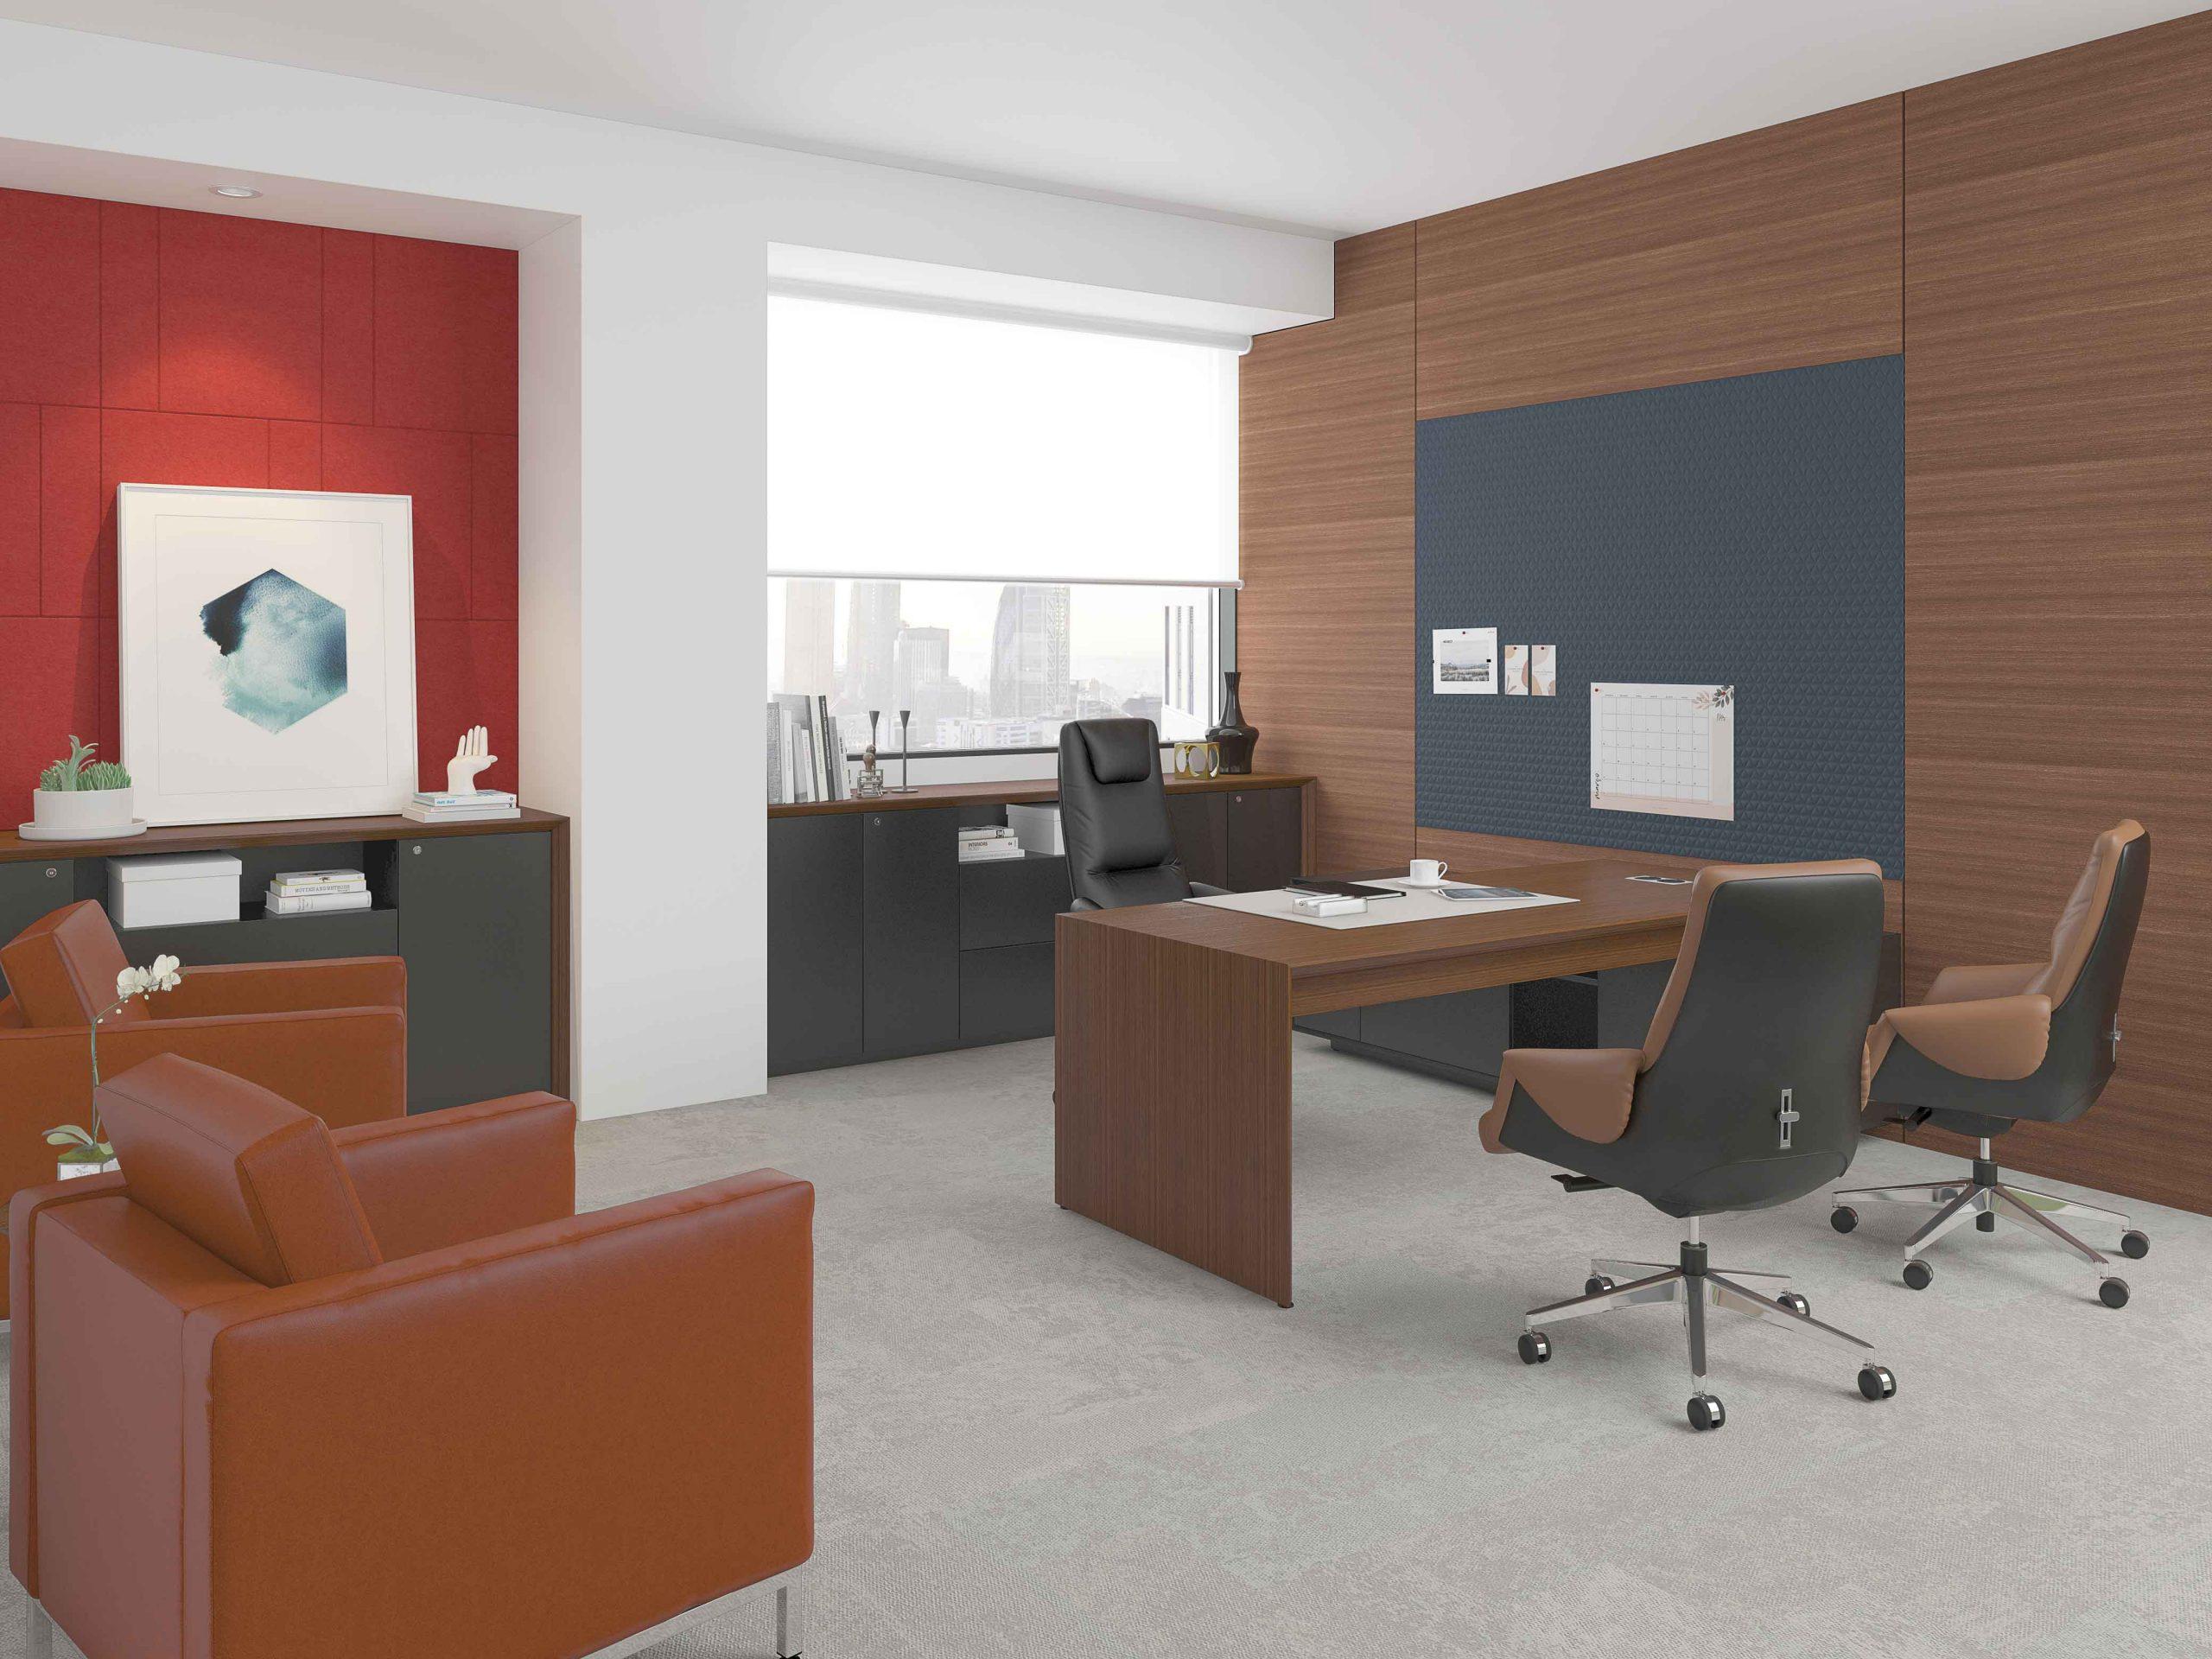 Geo | Matic Degree Office Furniture Malaysia